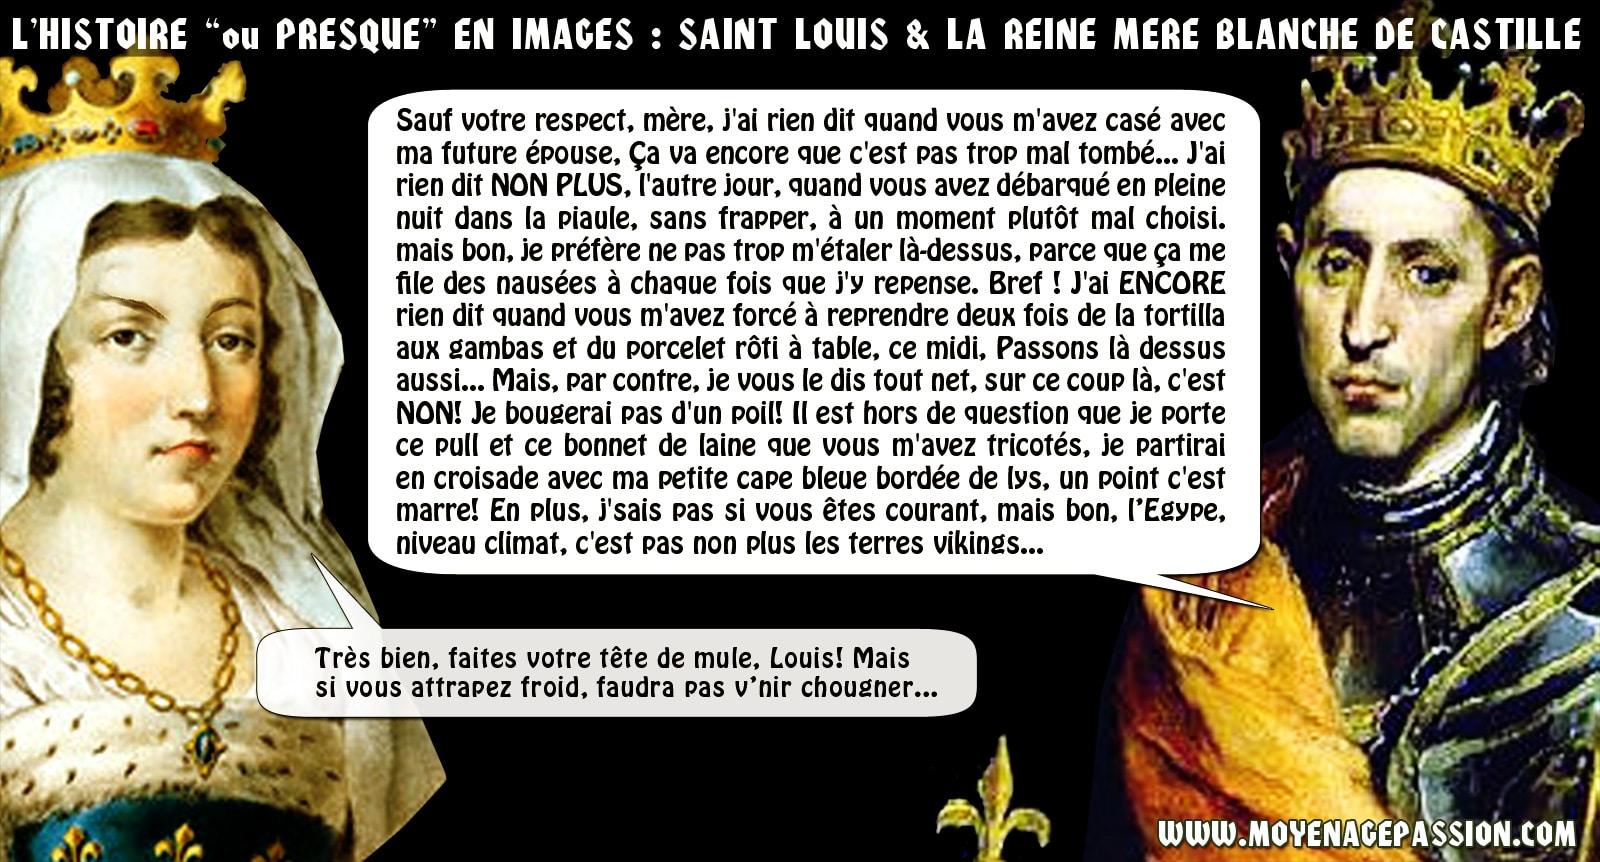 humour_medieval_histoire_saint_louis_blanche_de_castille_moyen-age_passion